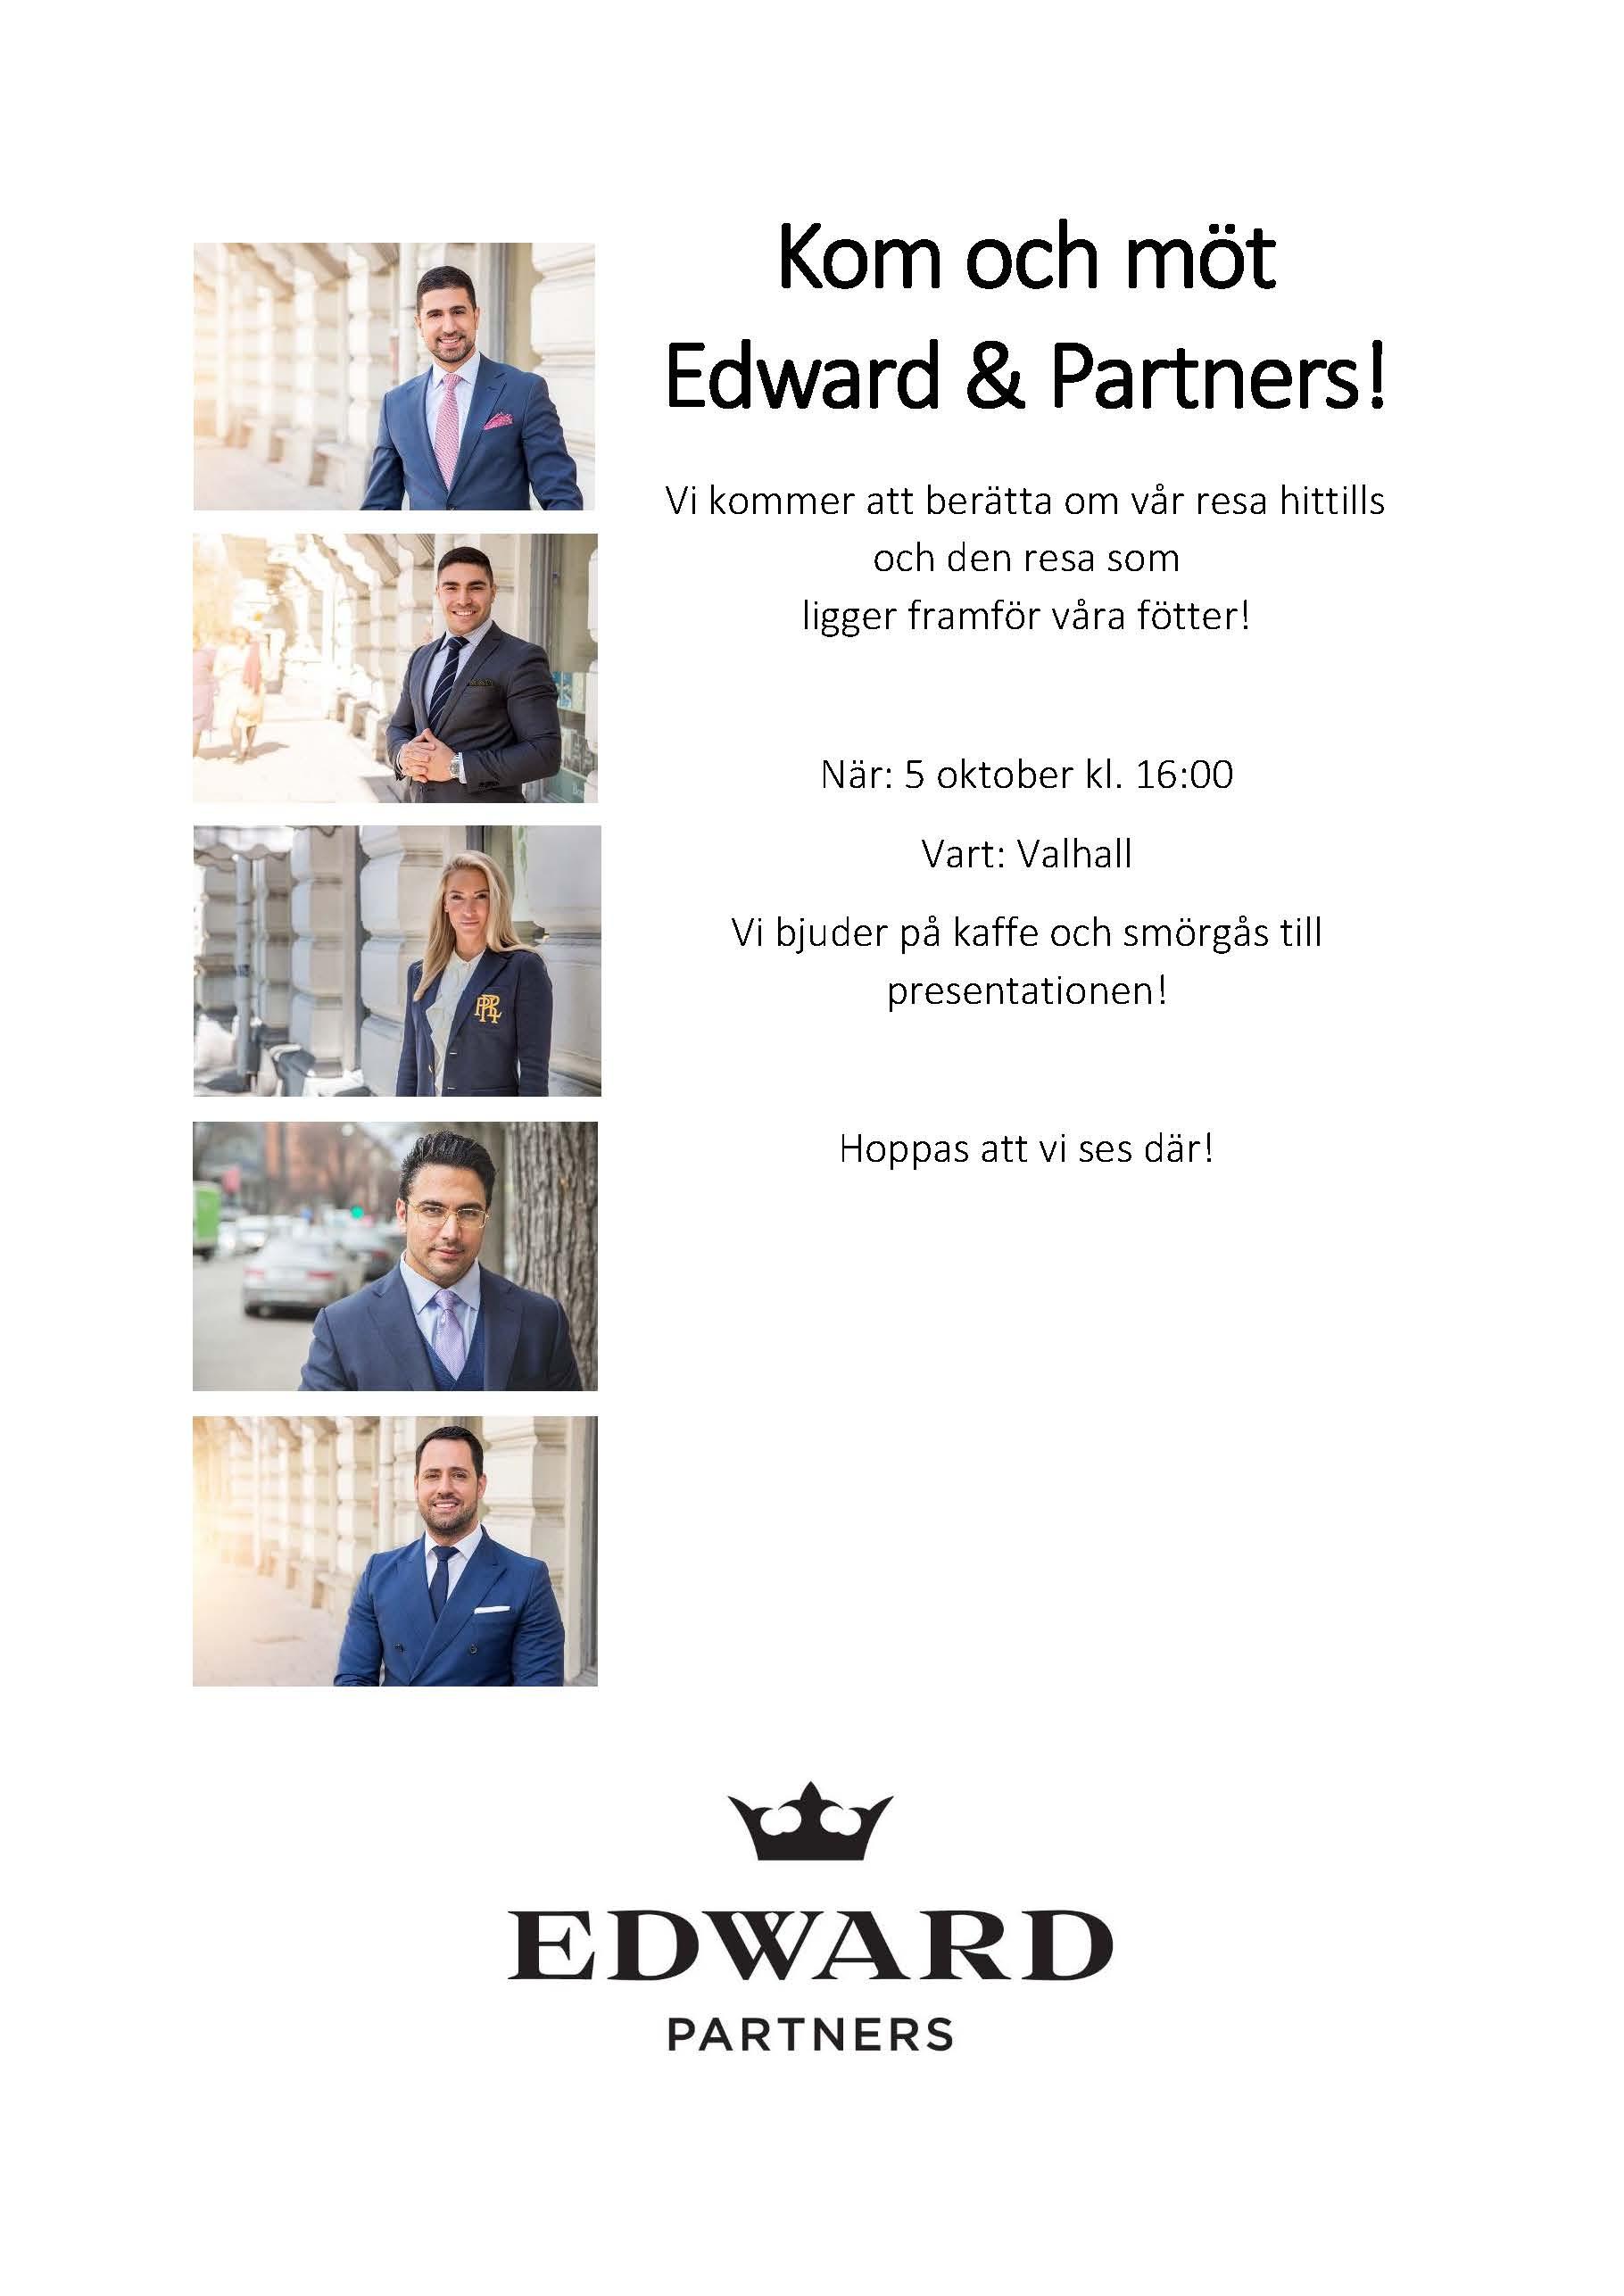 edward partners